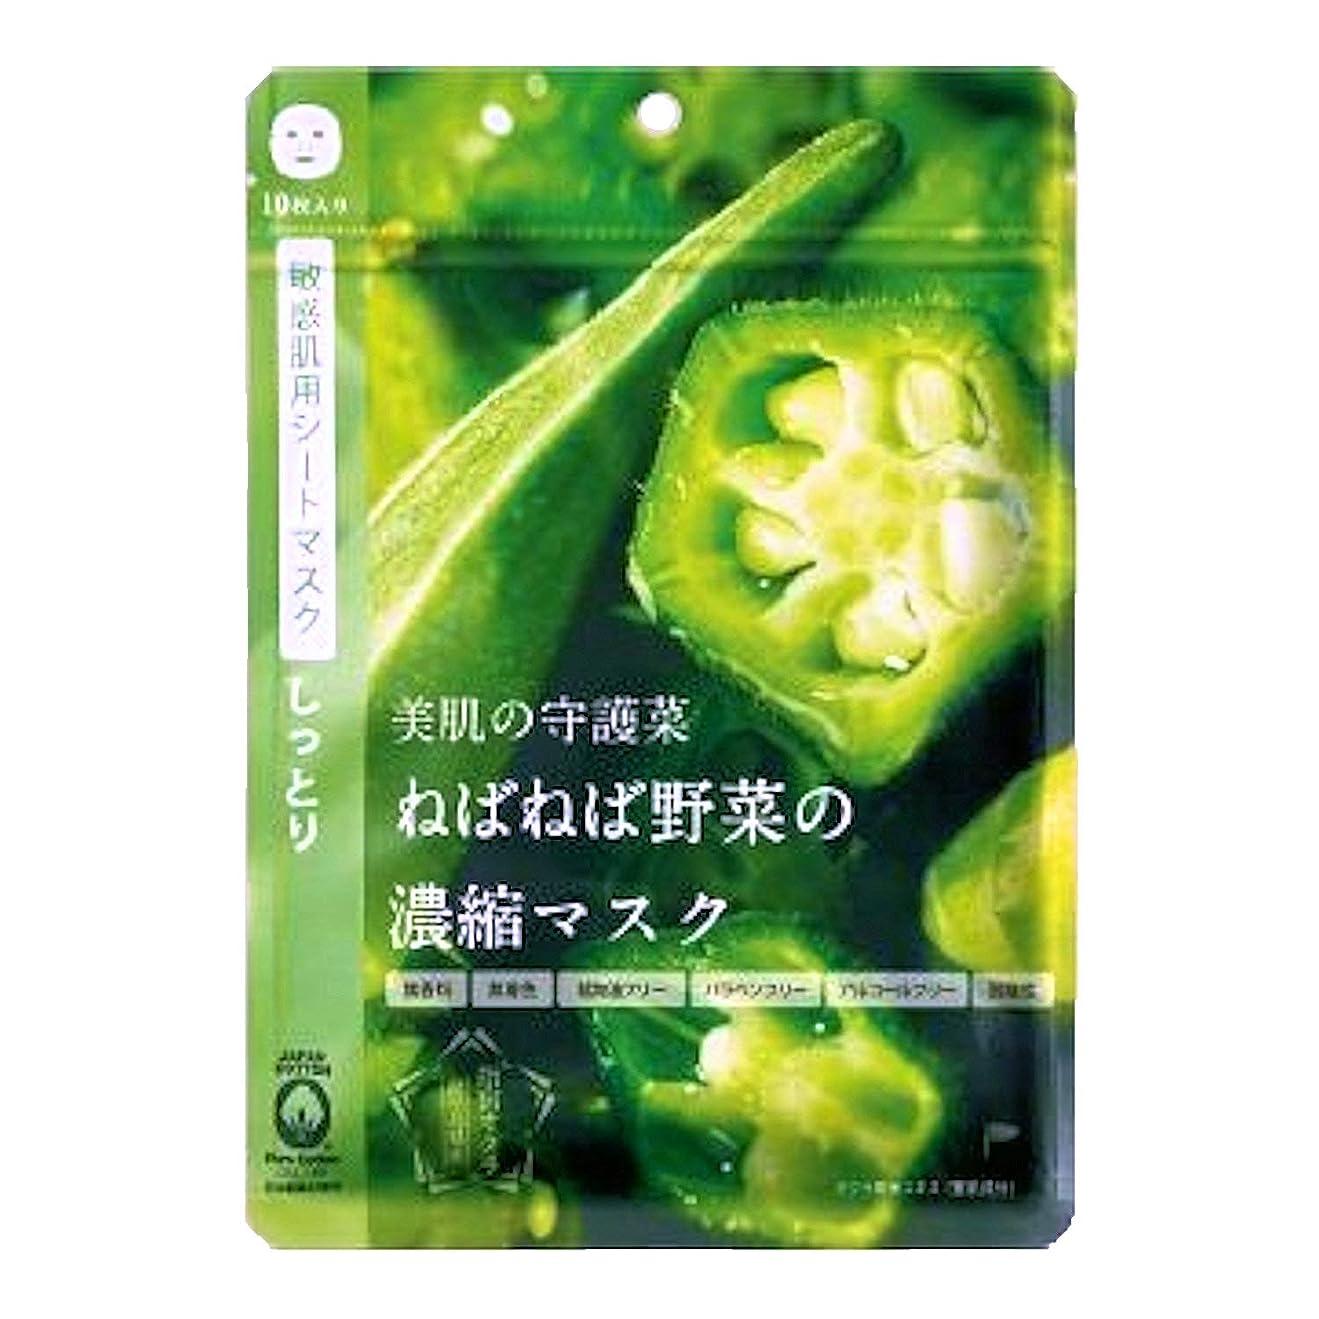 マグ構成員慎重@cosme nippon 美肌の守護菜 ねばねば野菜の濃縮マスク 指宿オクラ 10枚入り 160ml